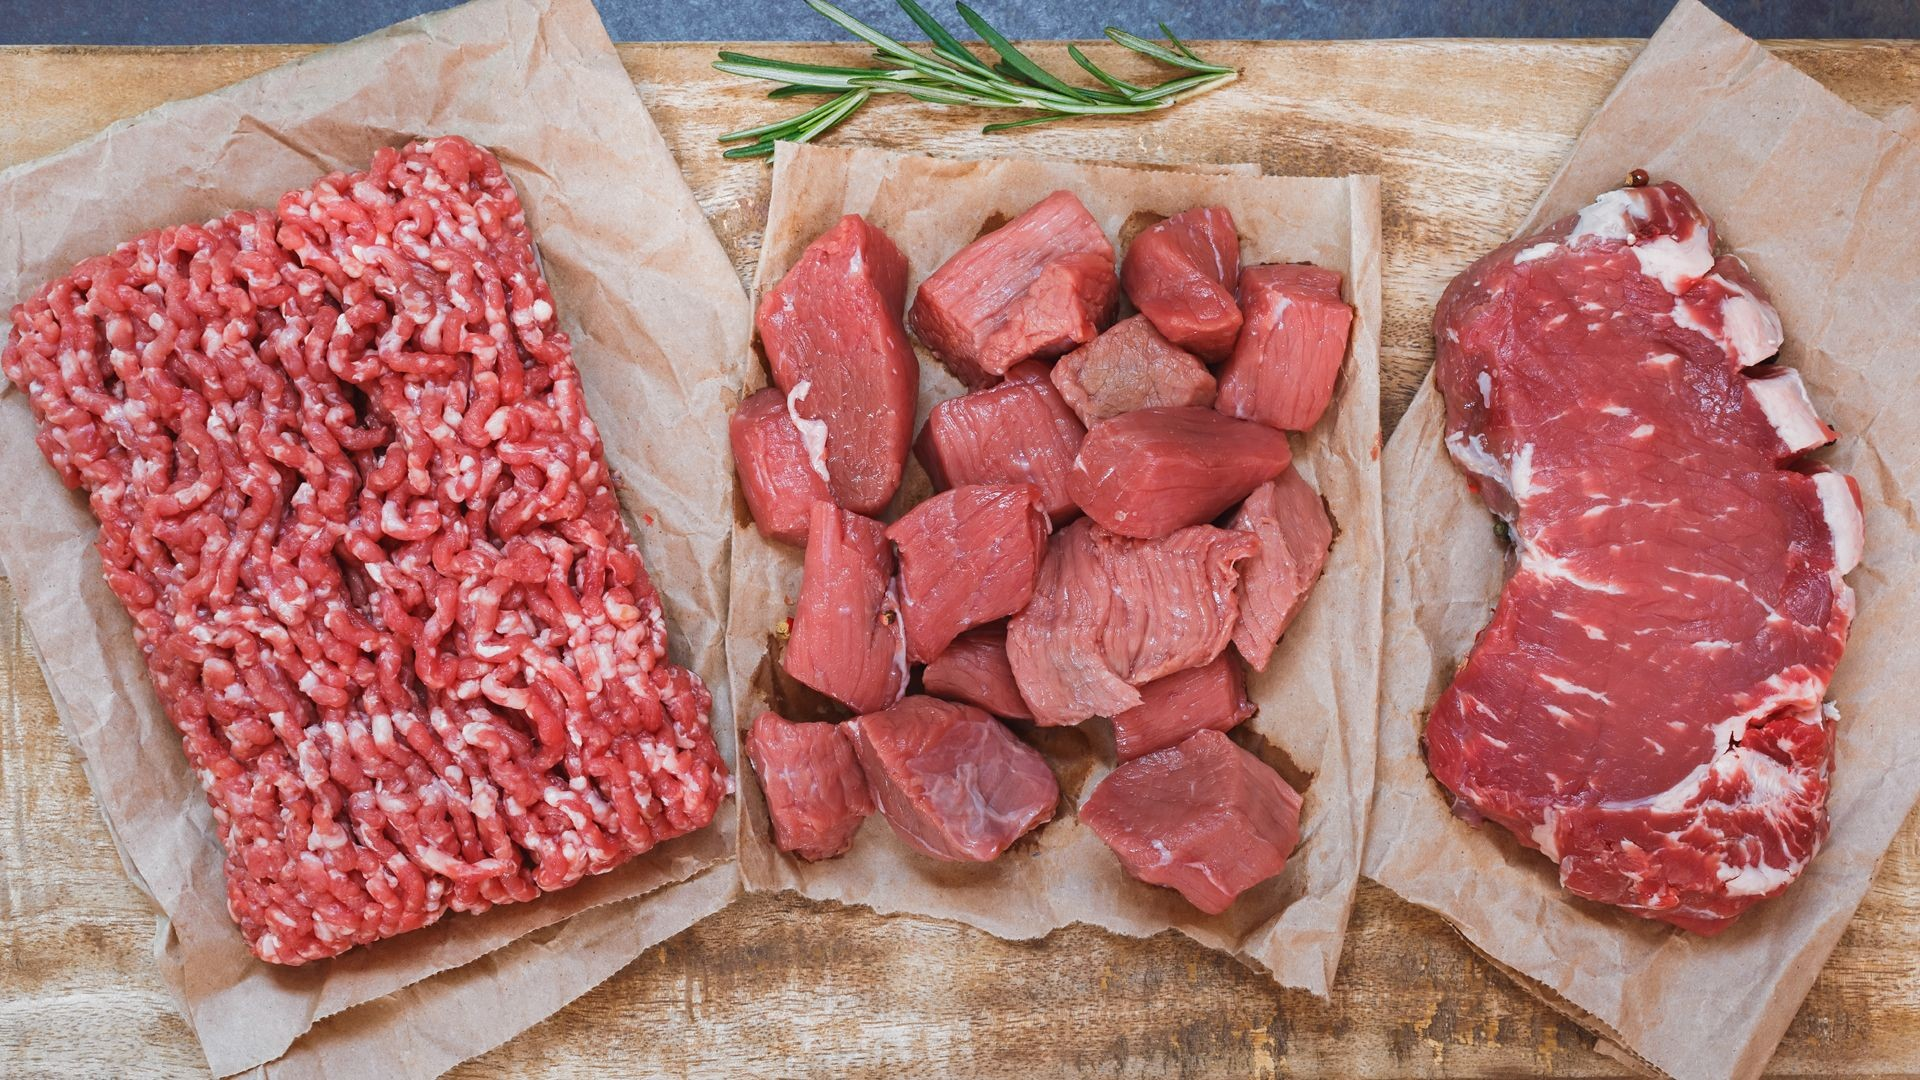 Carnicería y charcutería en Guadalajara